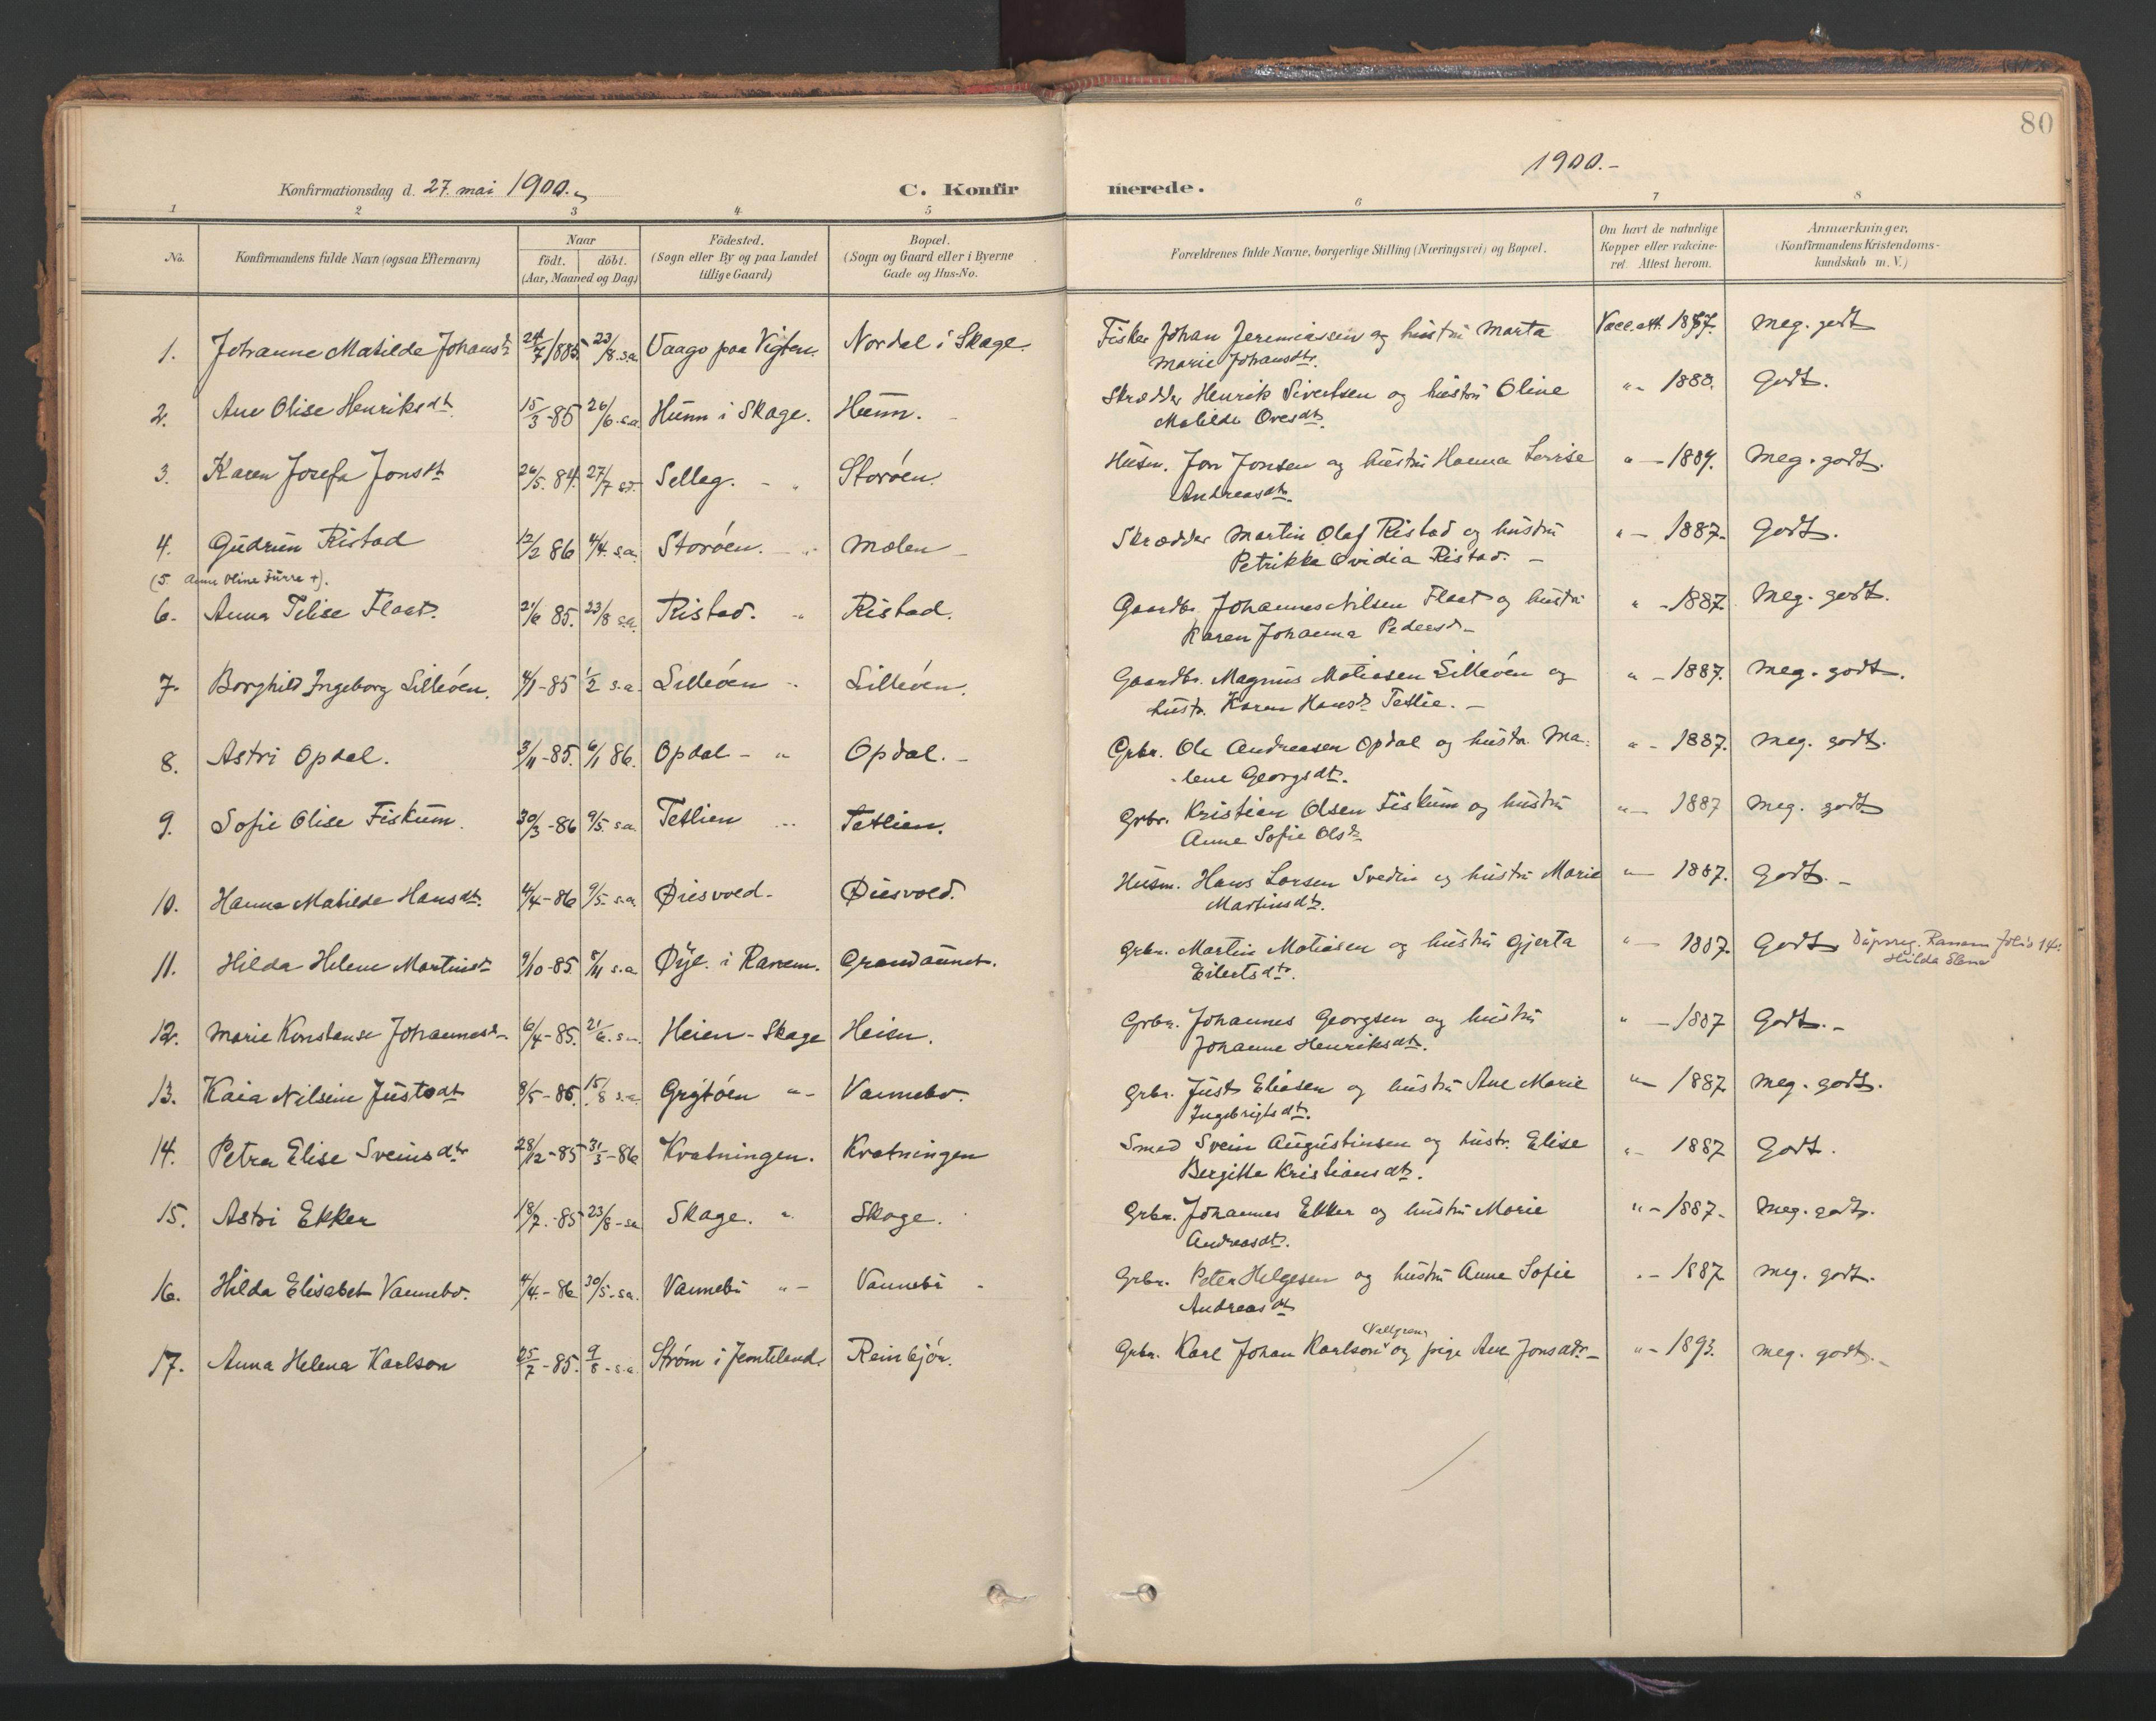 SAT, Ministerialprotokoller, klokkerbøker og fødselsregistre - Nord-Trøndelag, 766/L0564: Ministerialbok nr. 767A02, 1900-1932, s. 80